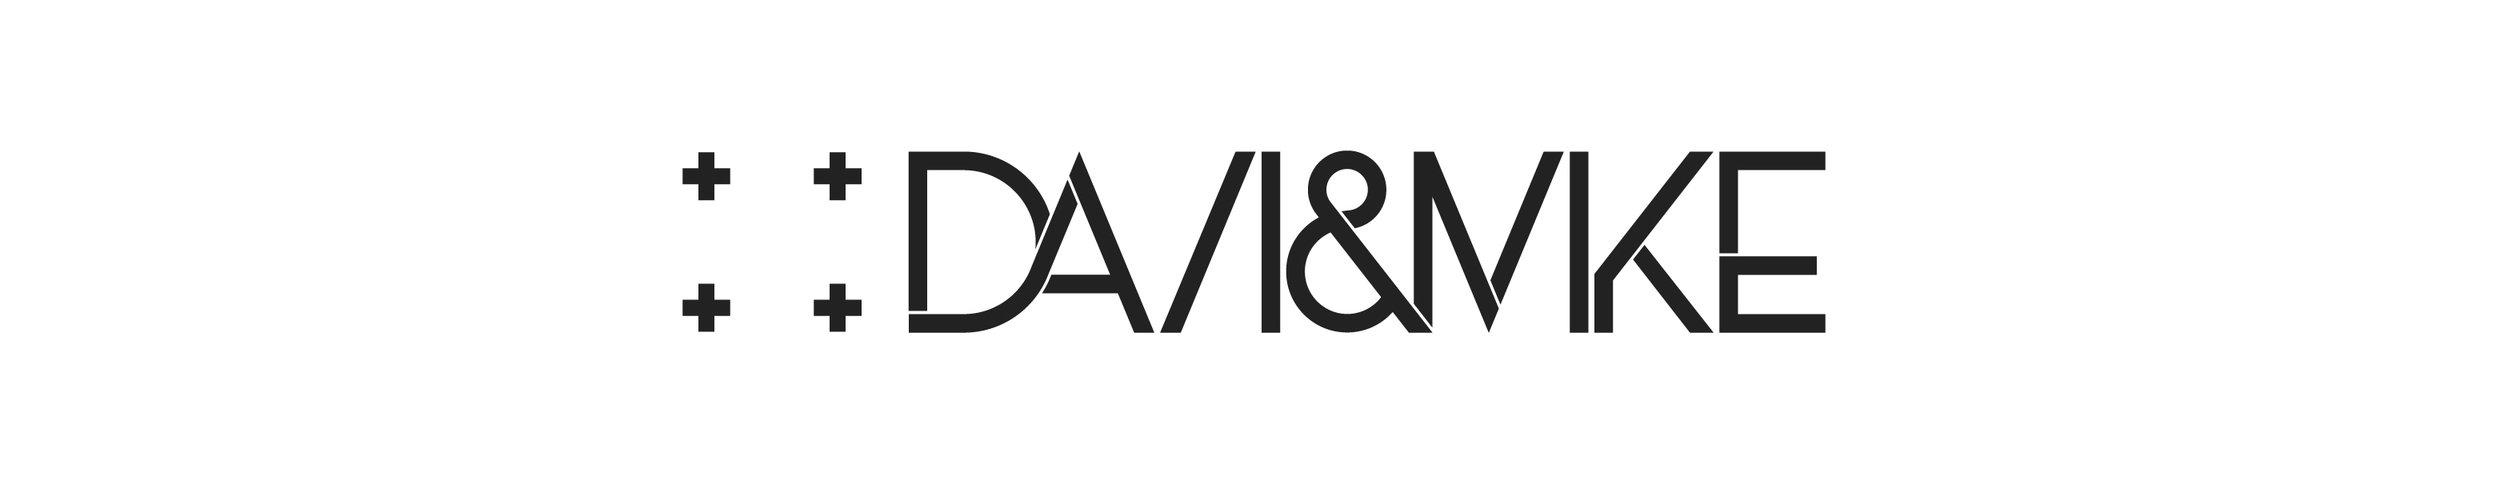 davi+mike-2018-04.jpg